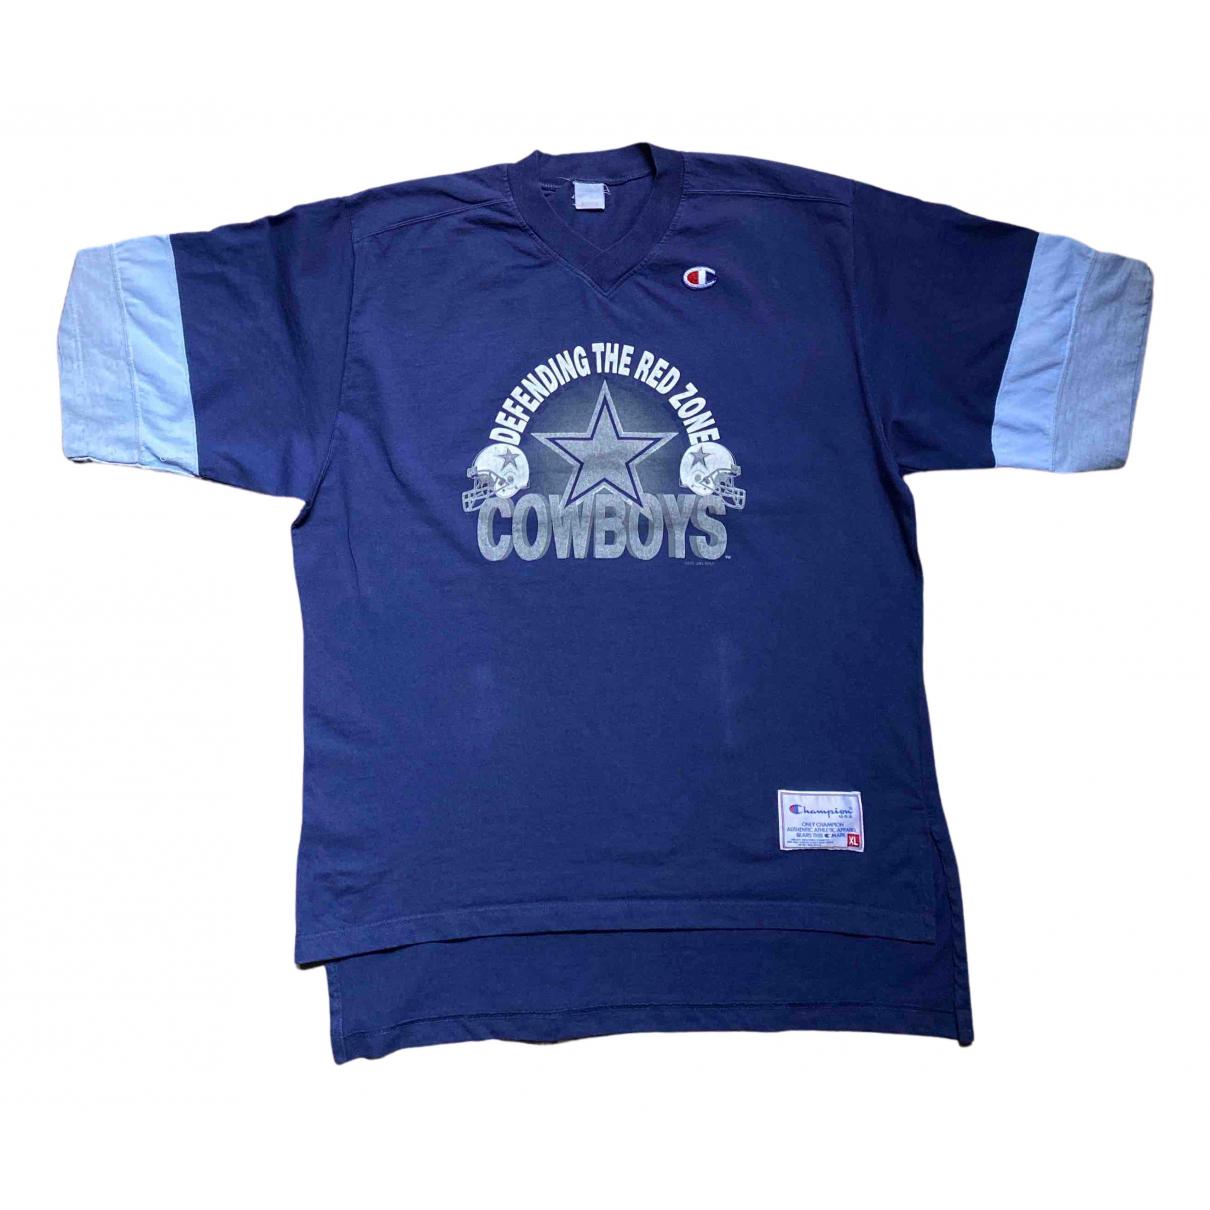 Champion - Tee shirts   pour homme en coton - bleu